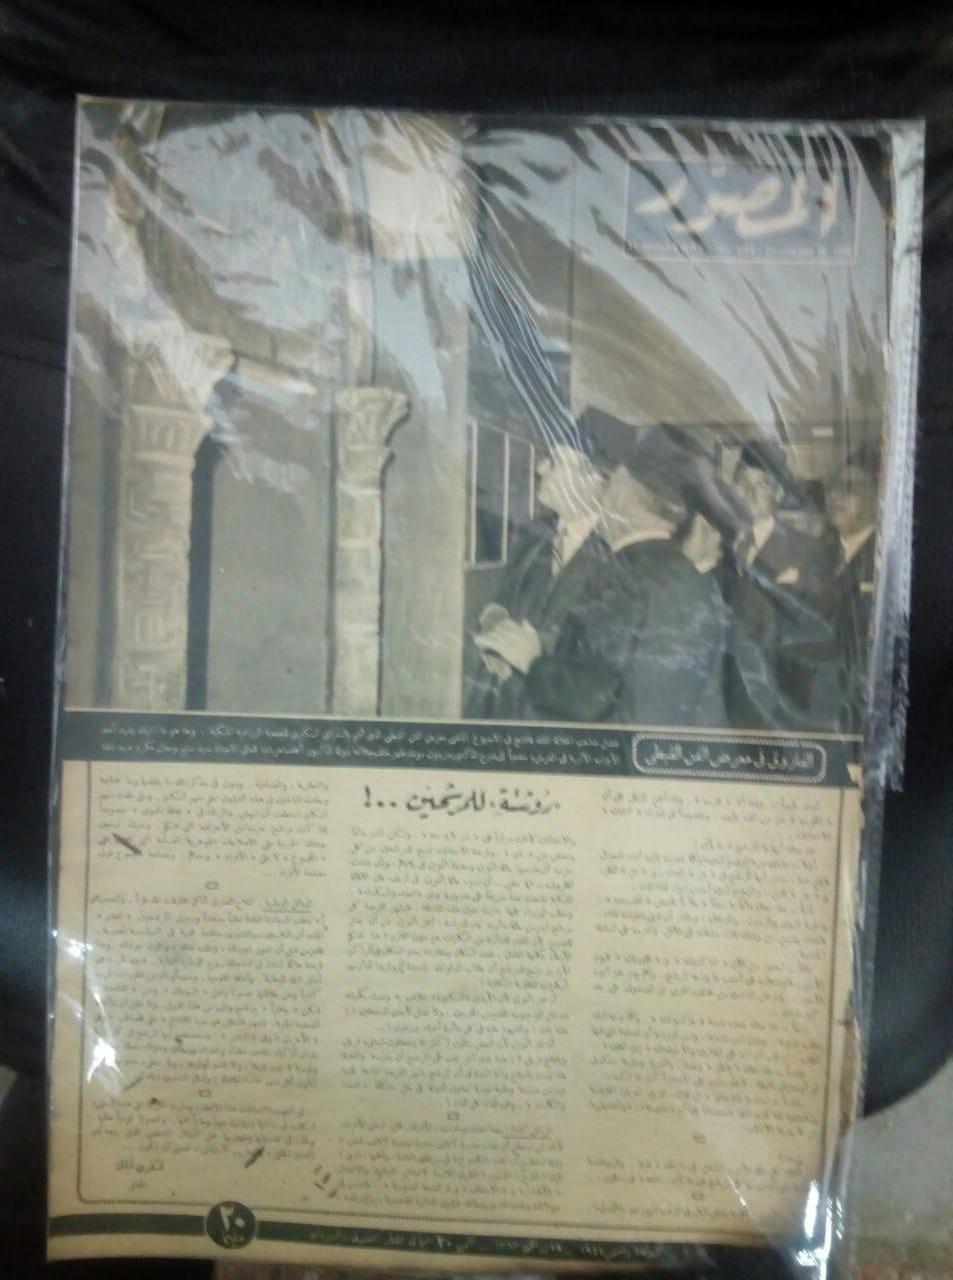 AL-MUSSAWAR - Farouk at the Coptic Art Exhibition